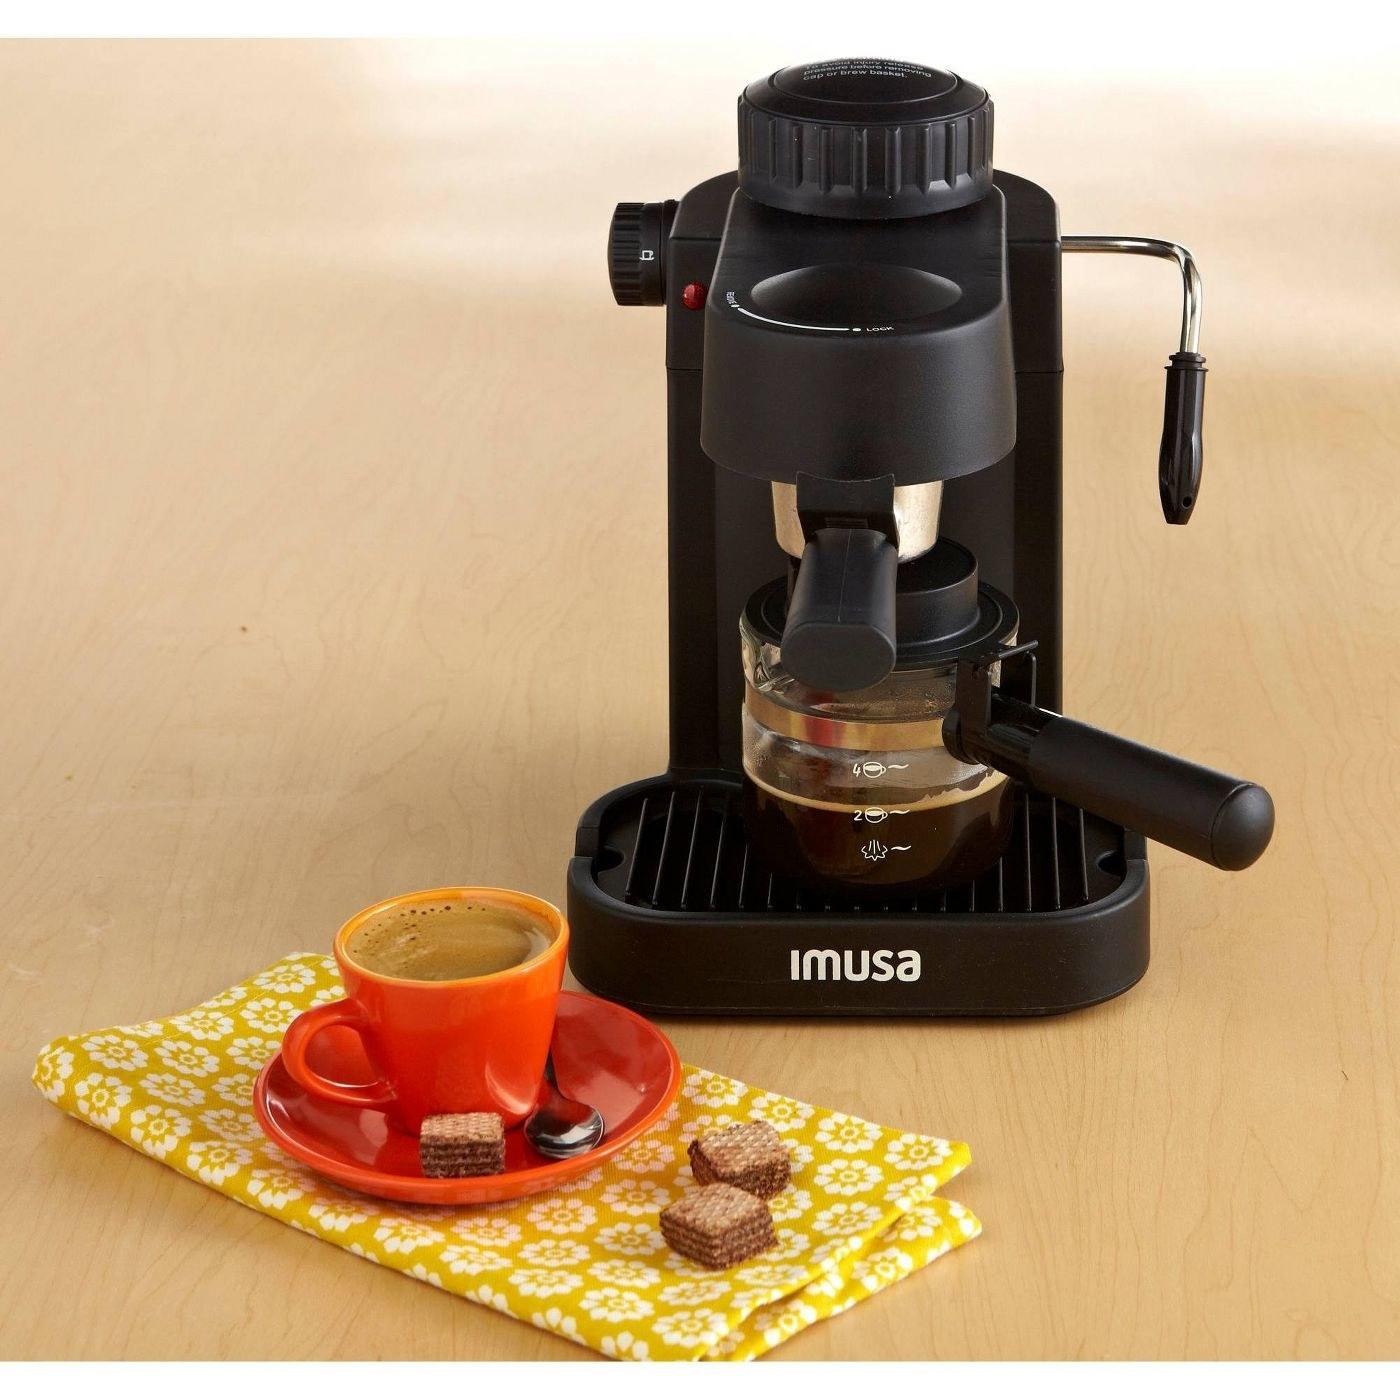 a black espresso machine